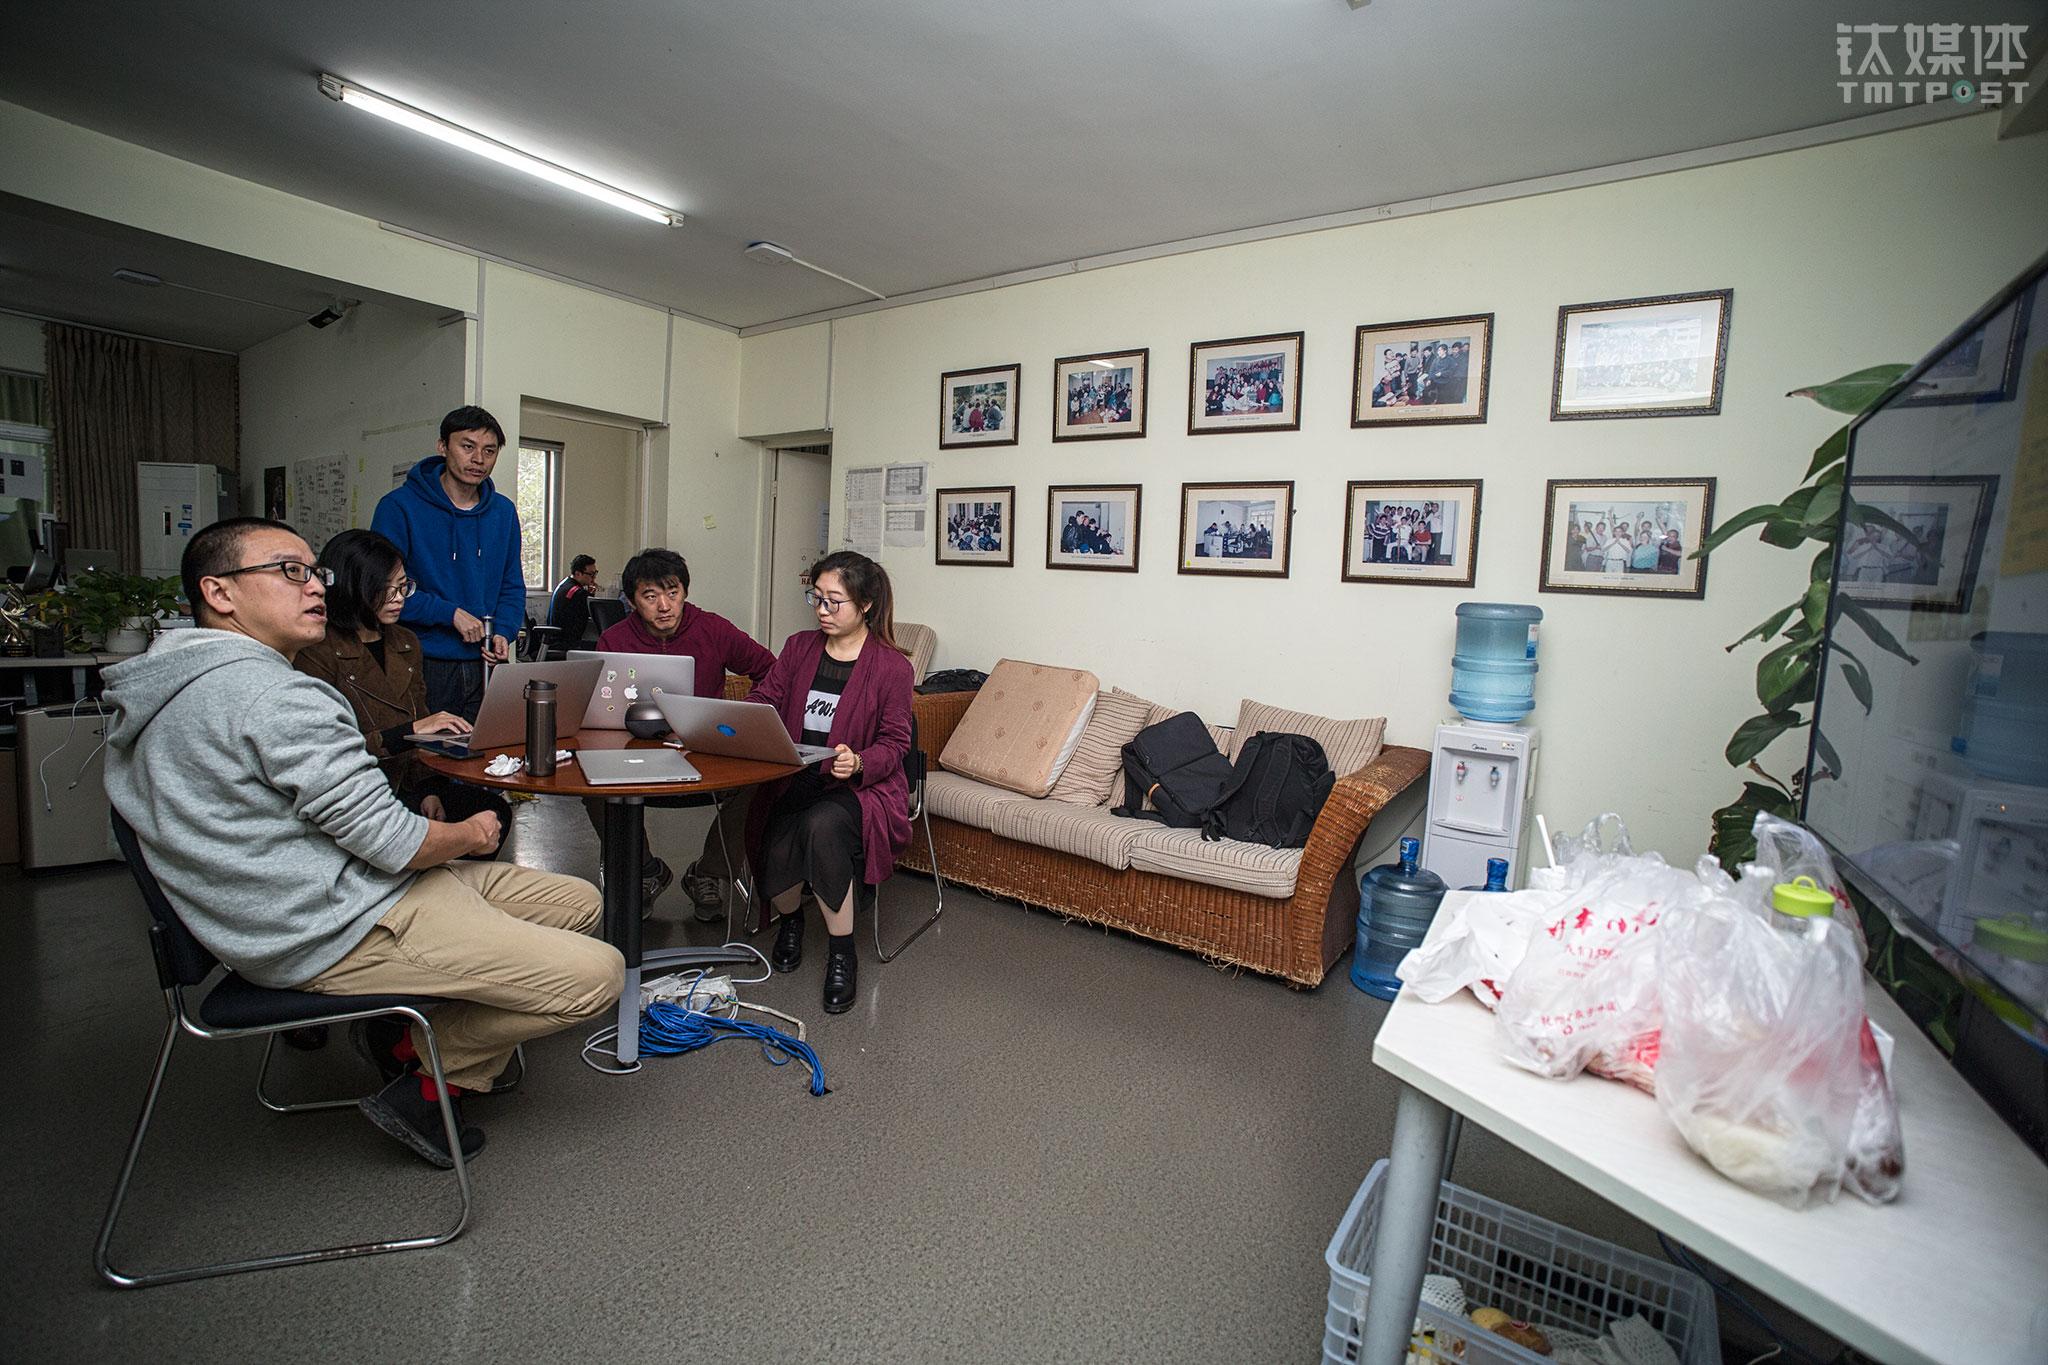 """钉钉智能前台项目成员在紧张讨将在3天后交付验收的几项后续交互开发。墙上挂着1999年以来,曾在这里驻扎过的阿里员工合影。这套一百多平的公寓,不仅是马云和""""18罗汉""""创办阿里巴巴的地方,还成功孵化出了淘宝、支付宝、菜鸟、天猫、钉钉等项目,被阿里的员工称为""""圣地""""。"""